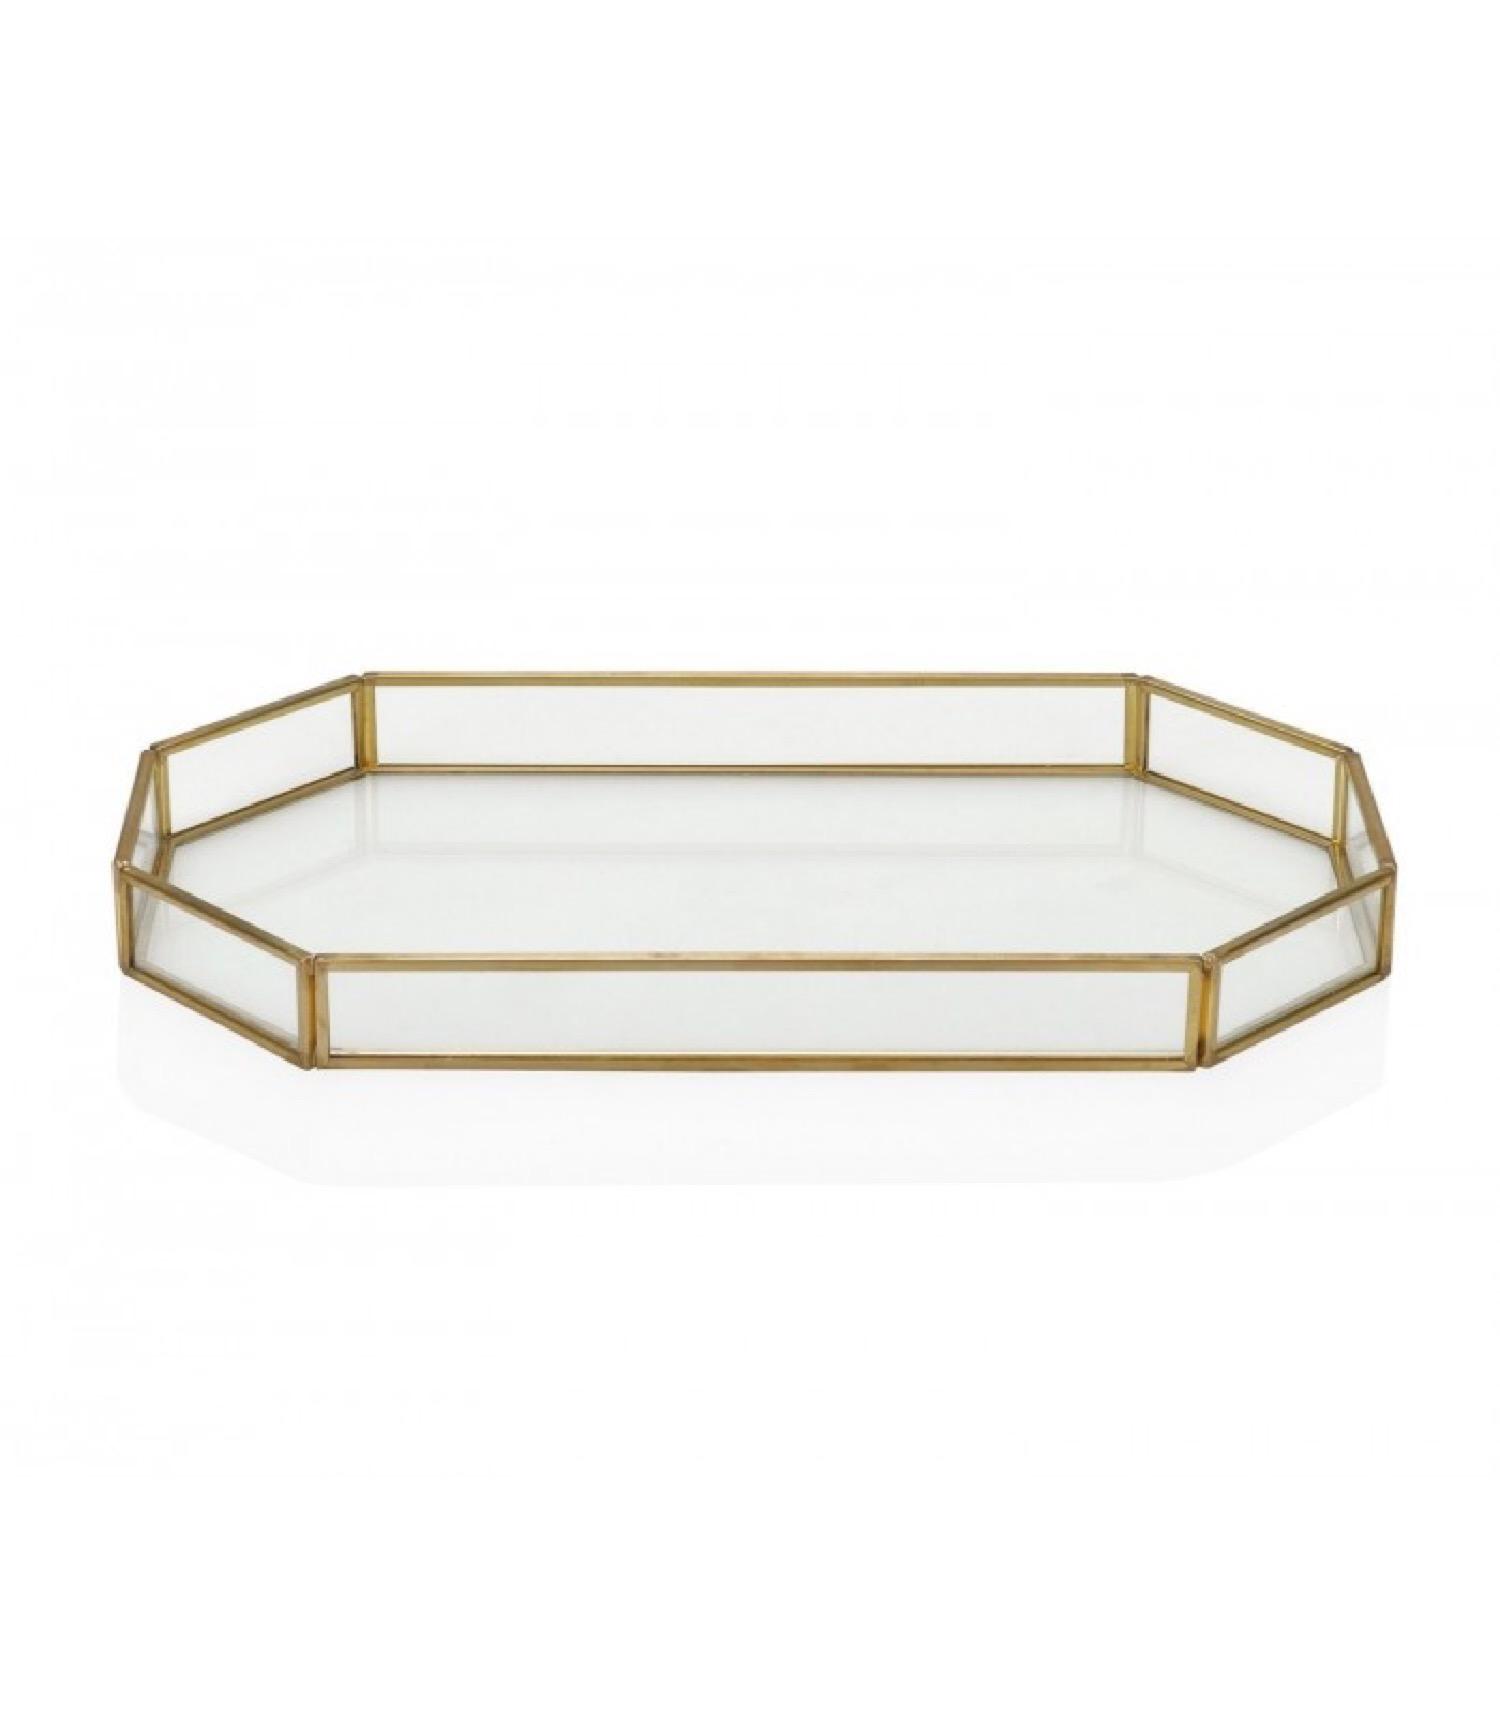 Plateau décoratif en laiton doré et verre 27x16cm